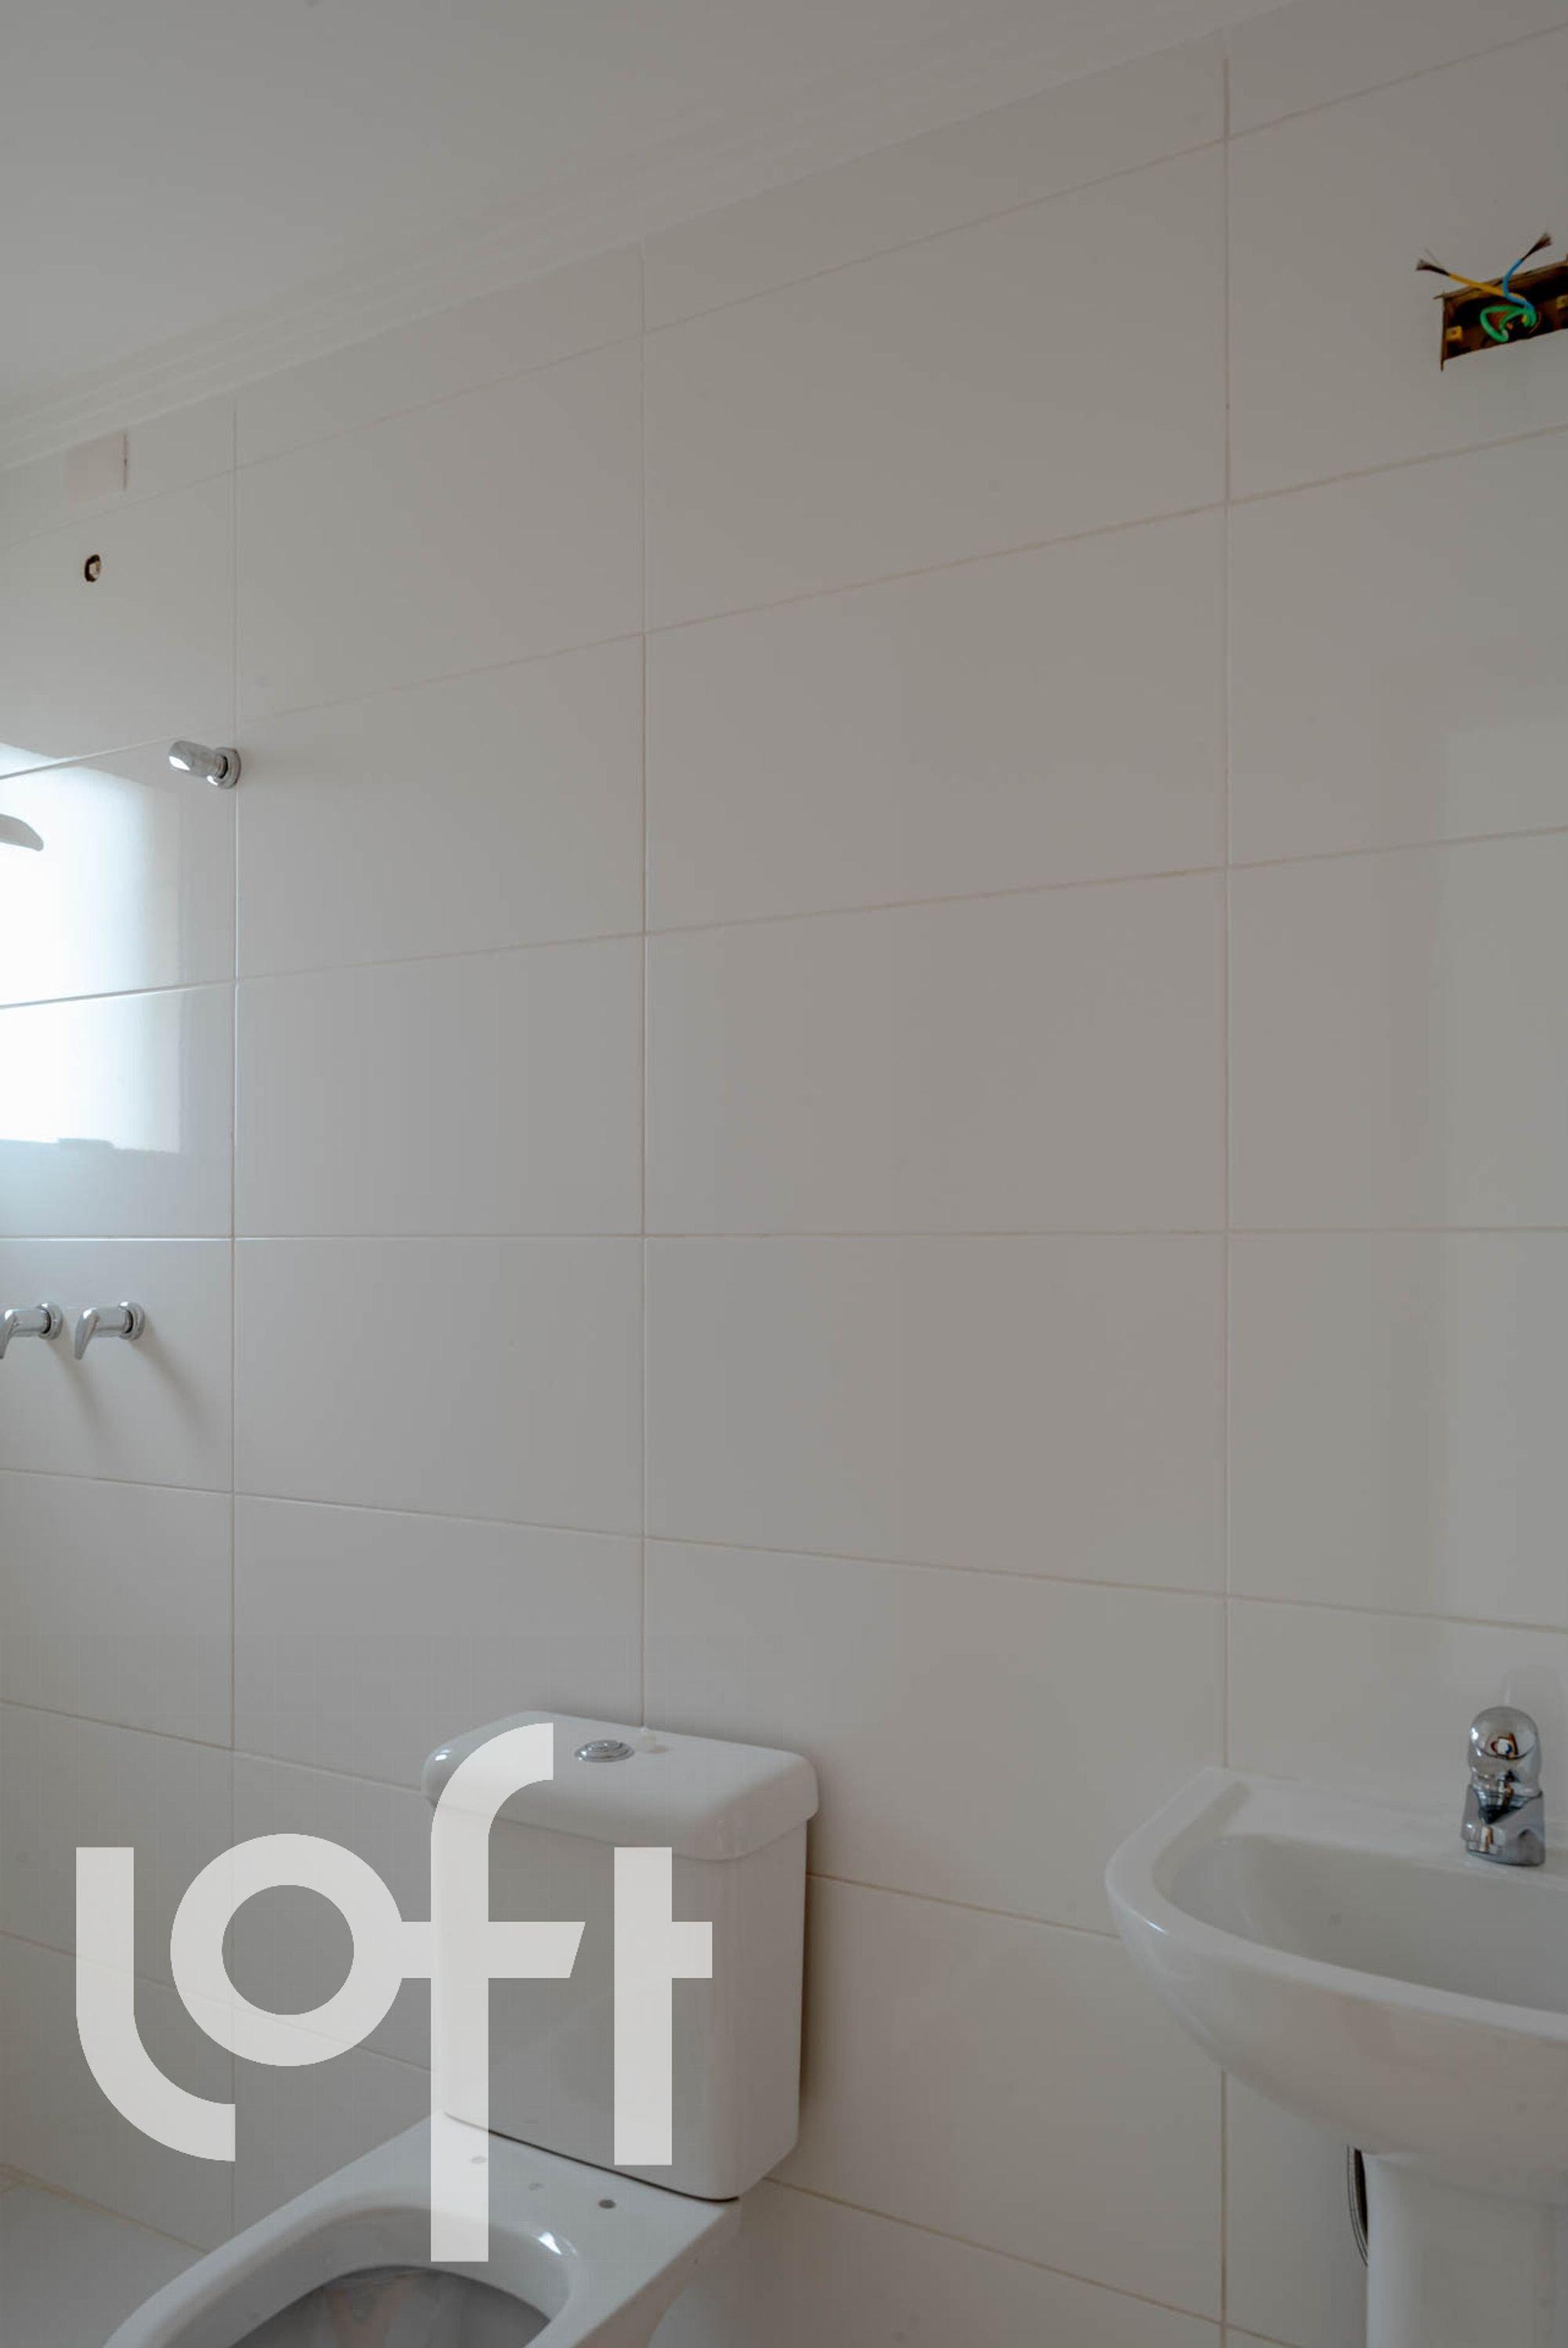 Foto de Banheiro com vaso sanitário, pia, avião